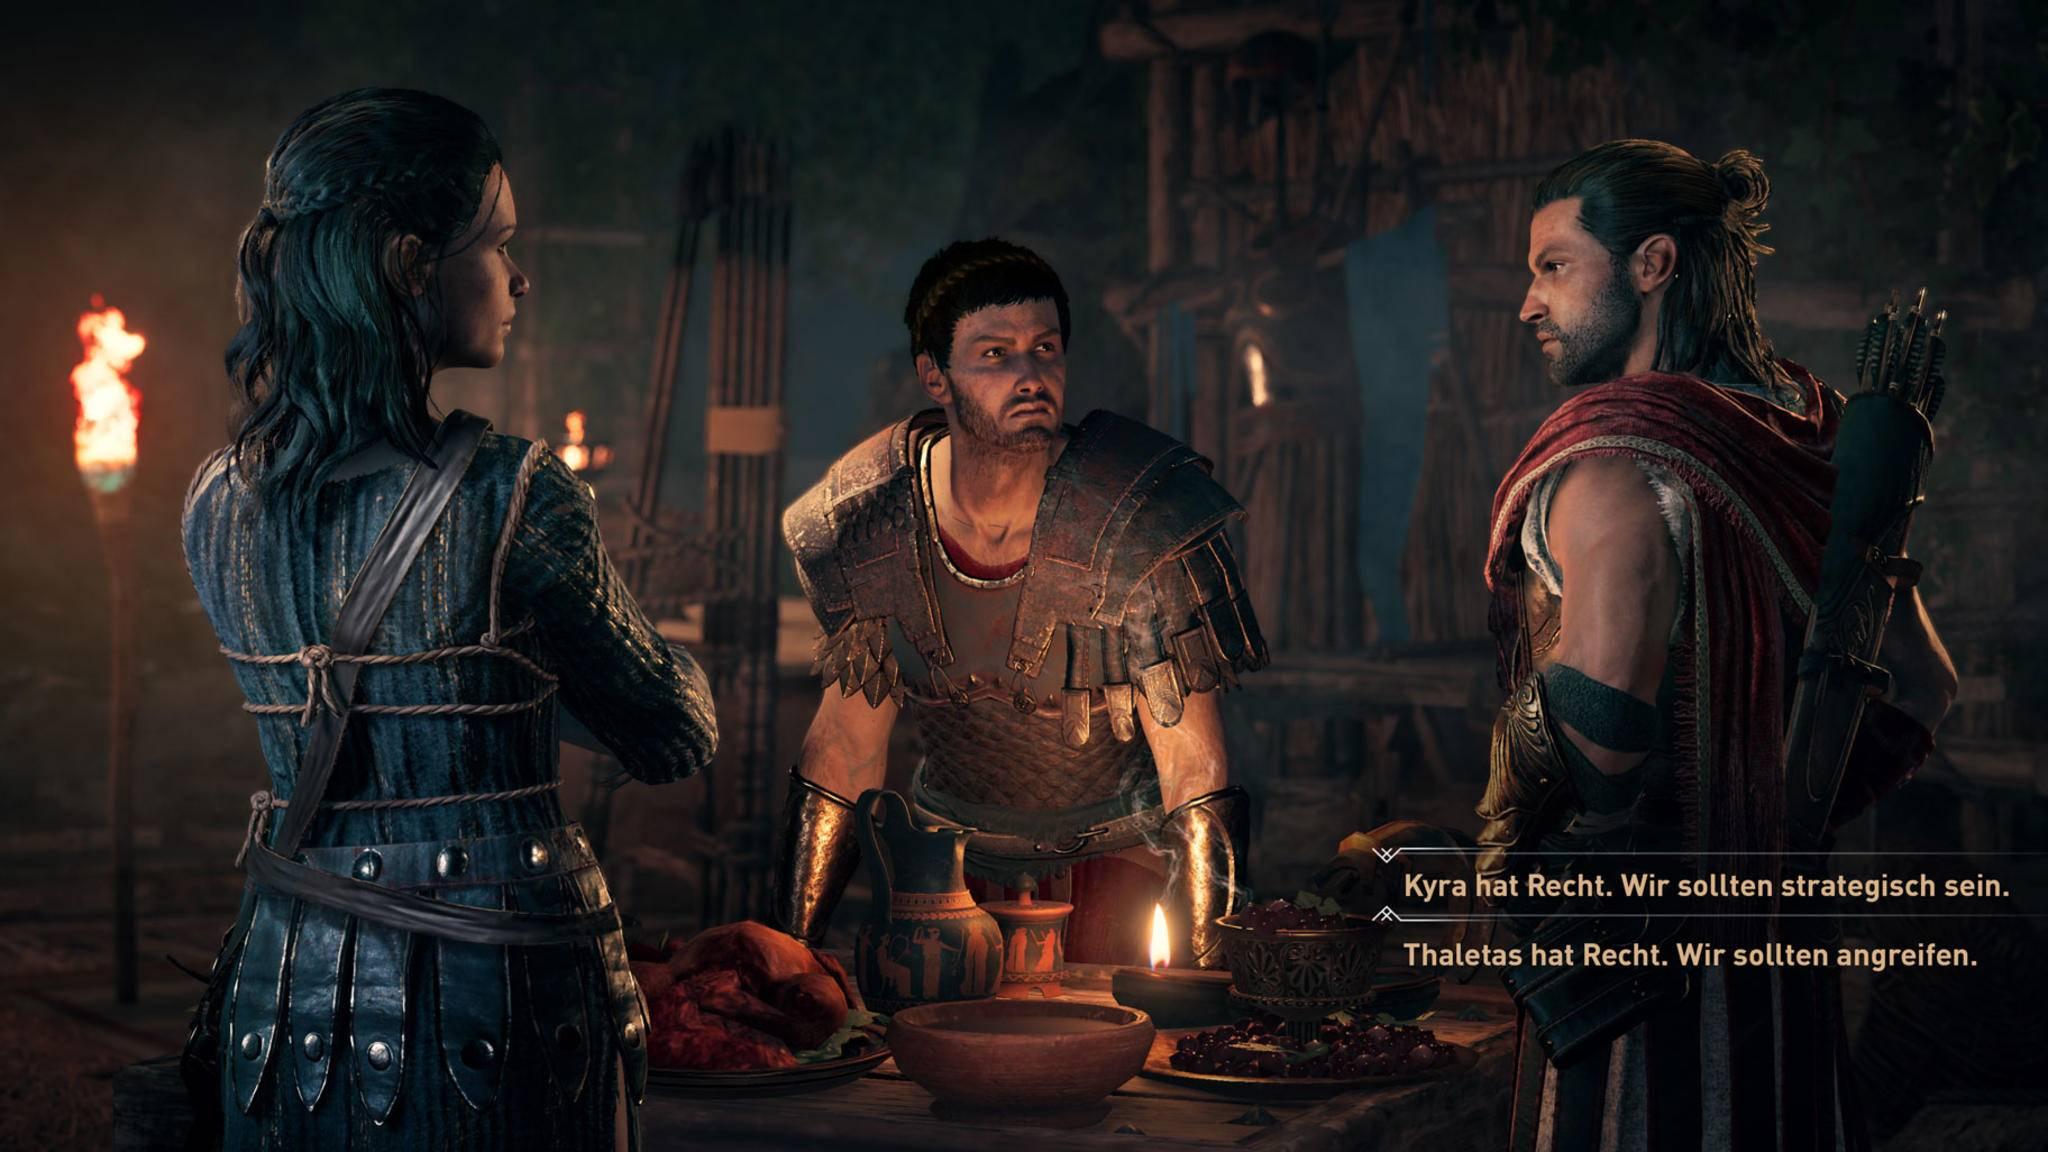 """Die Abwesenheit des Ordens in """"Assassin's Creed: Odyssey"""" ermöglicht mehr Handlungsfreiheiten."""